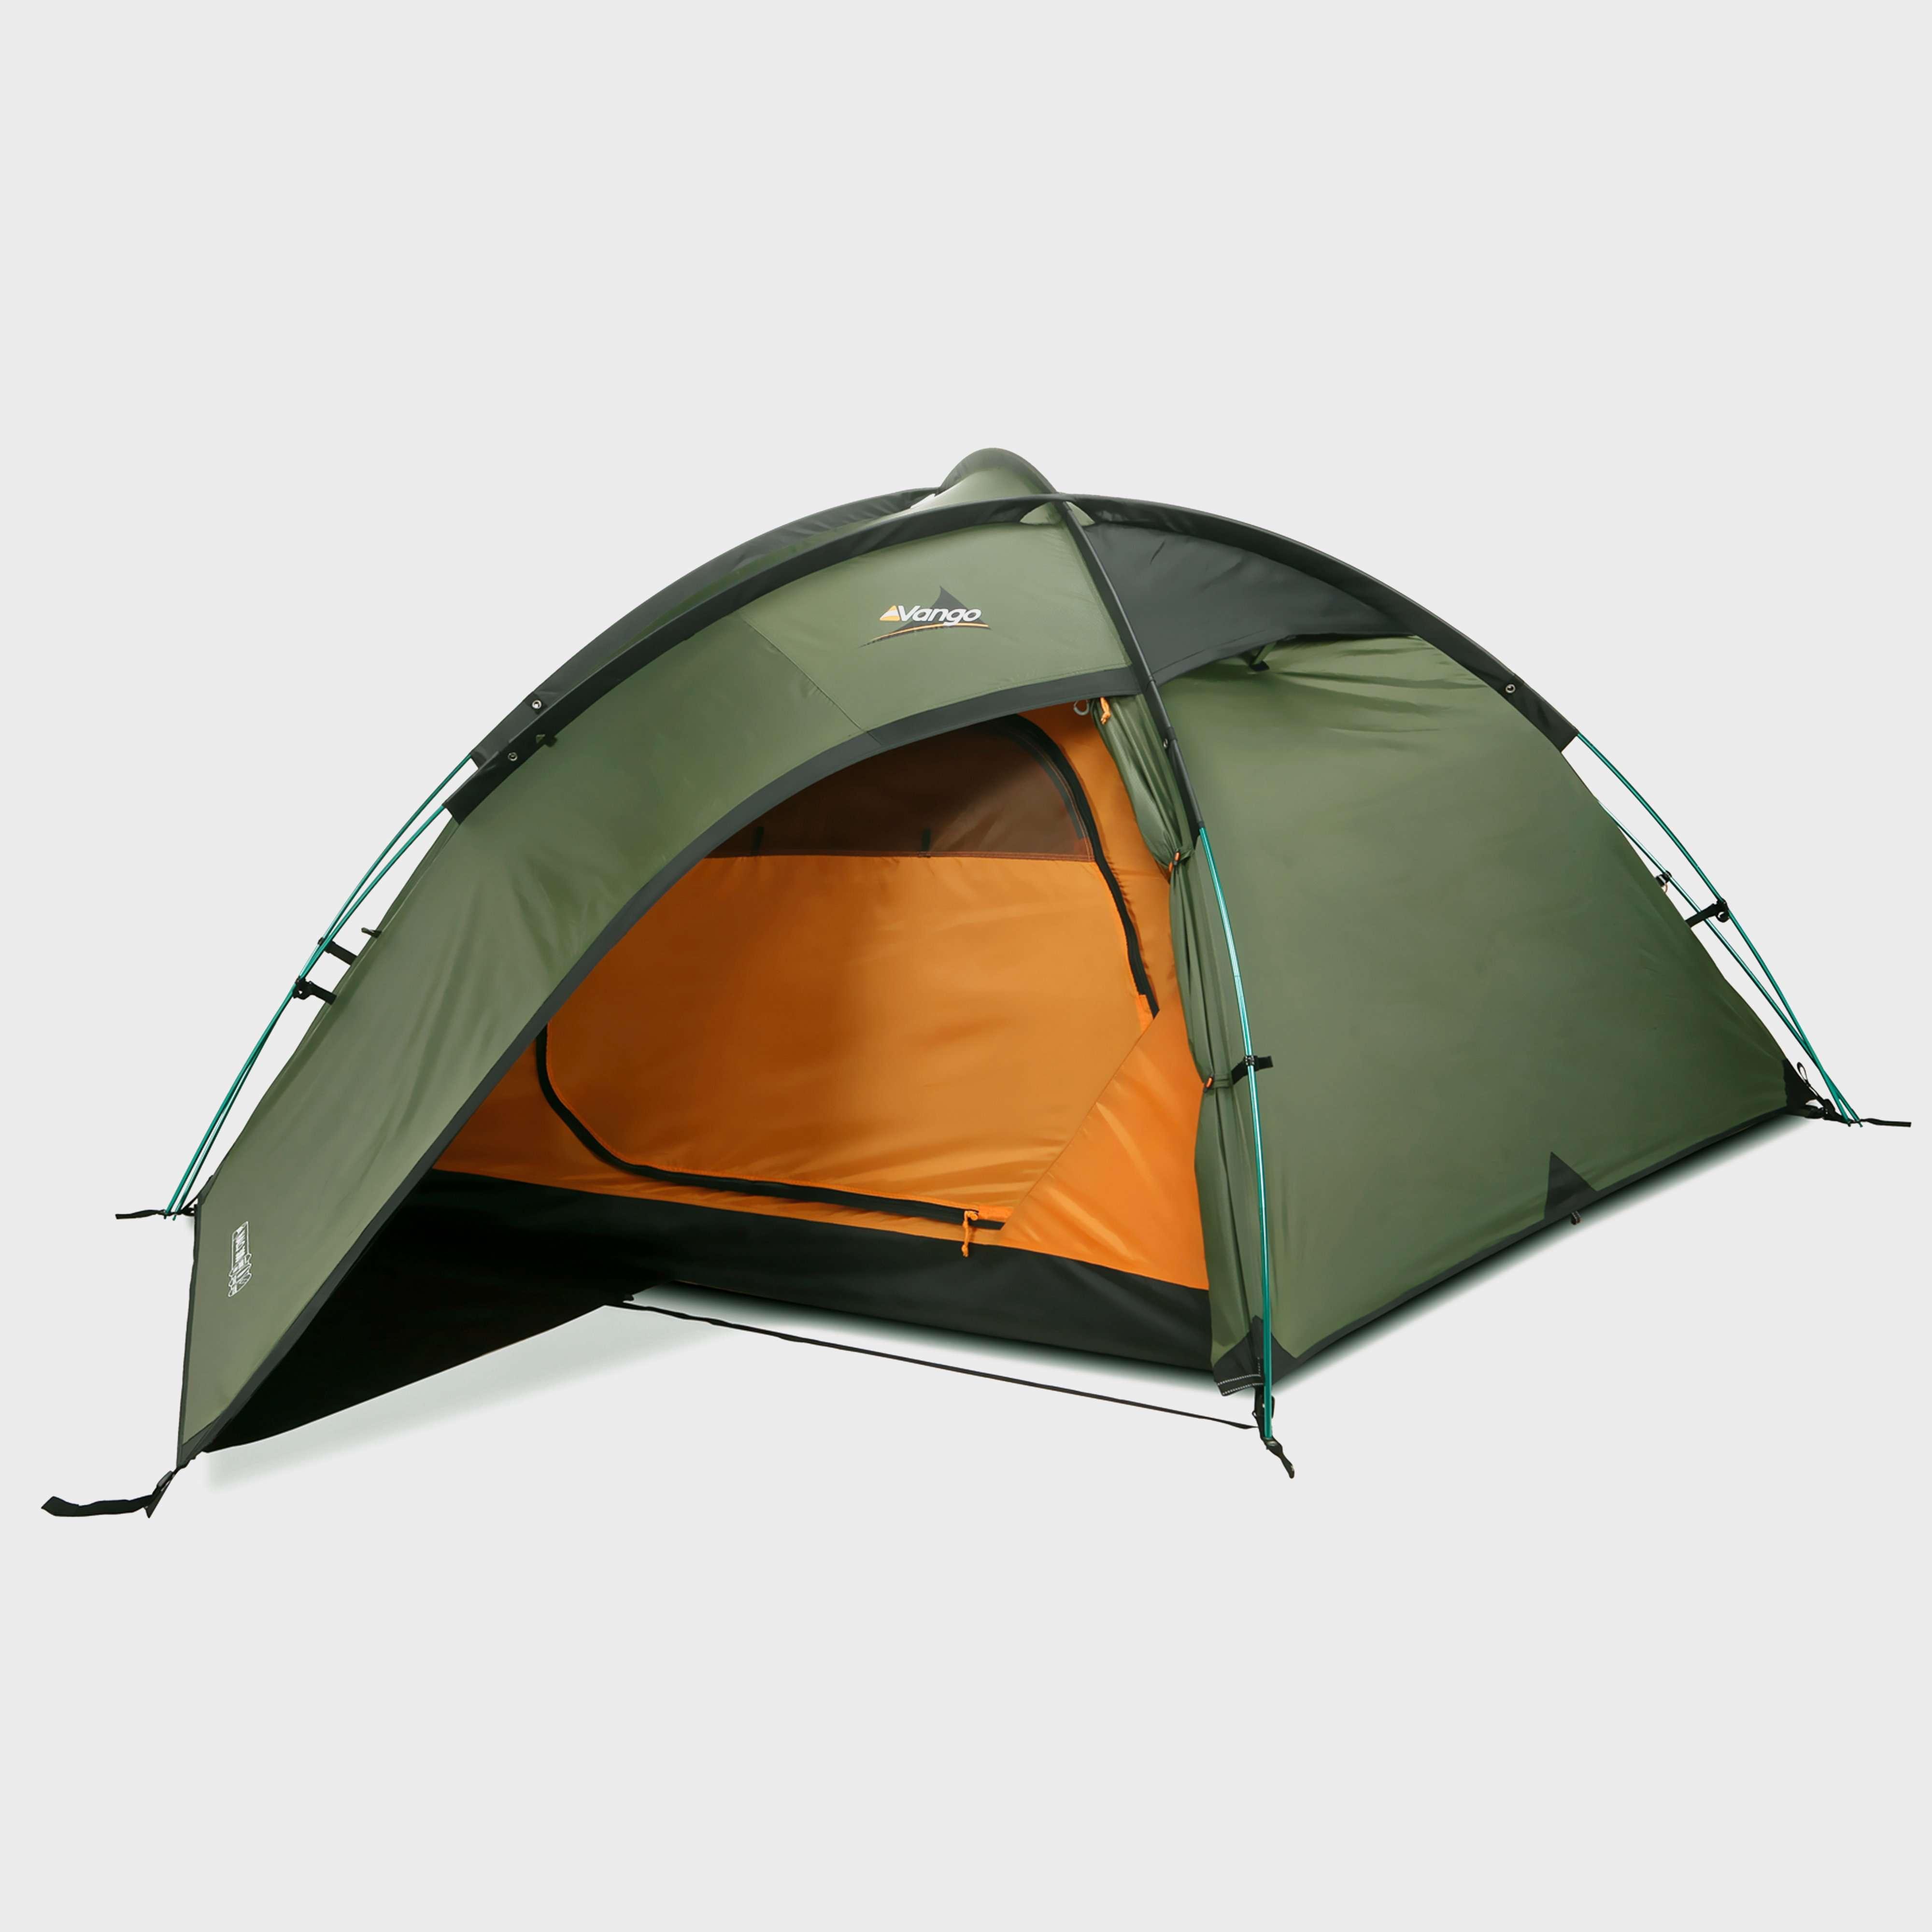 VANGO Halo 300 3 Person Tent